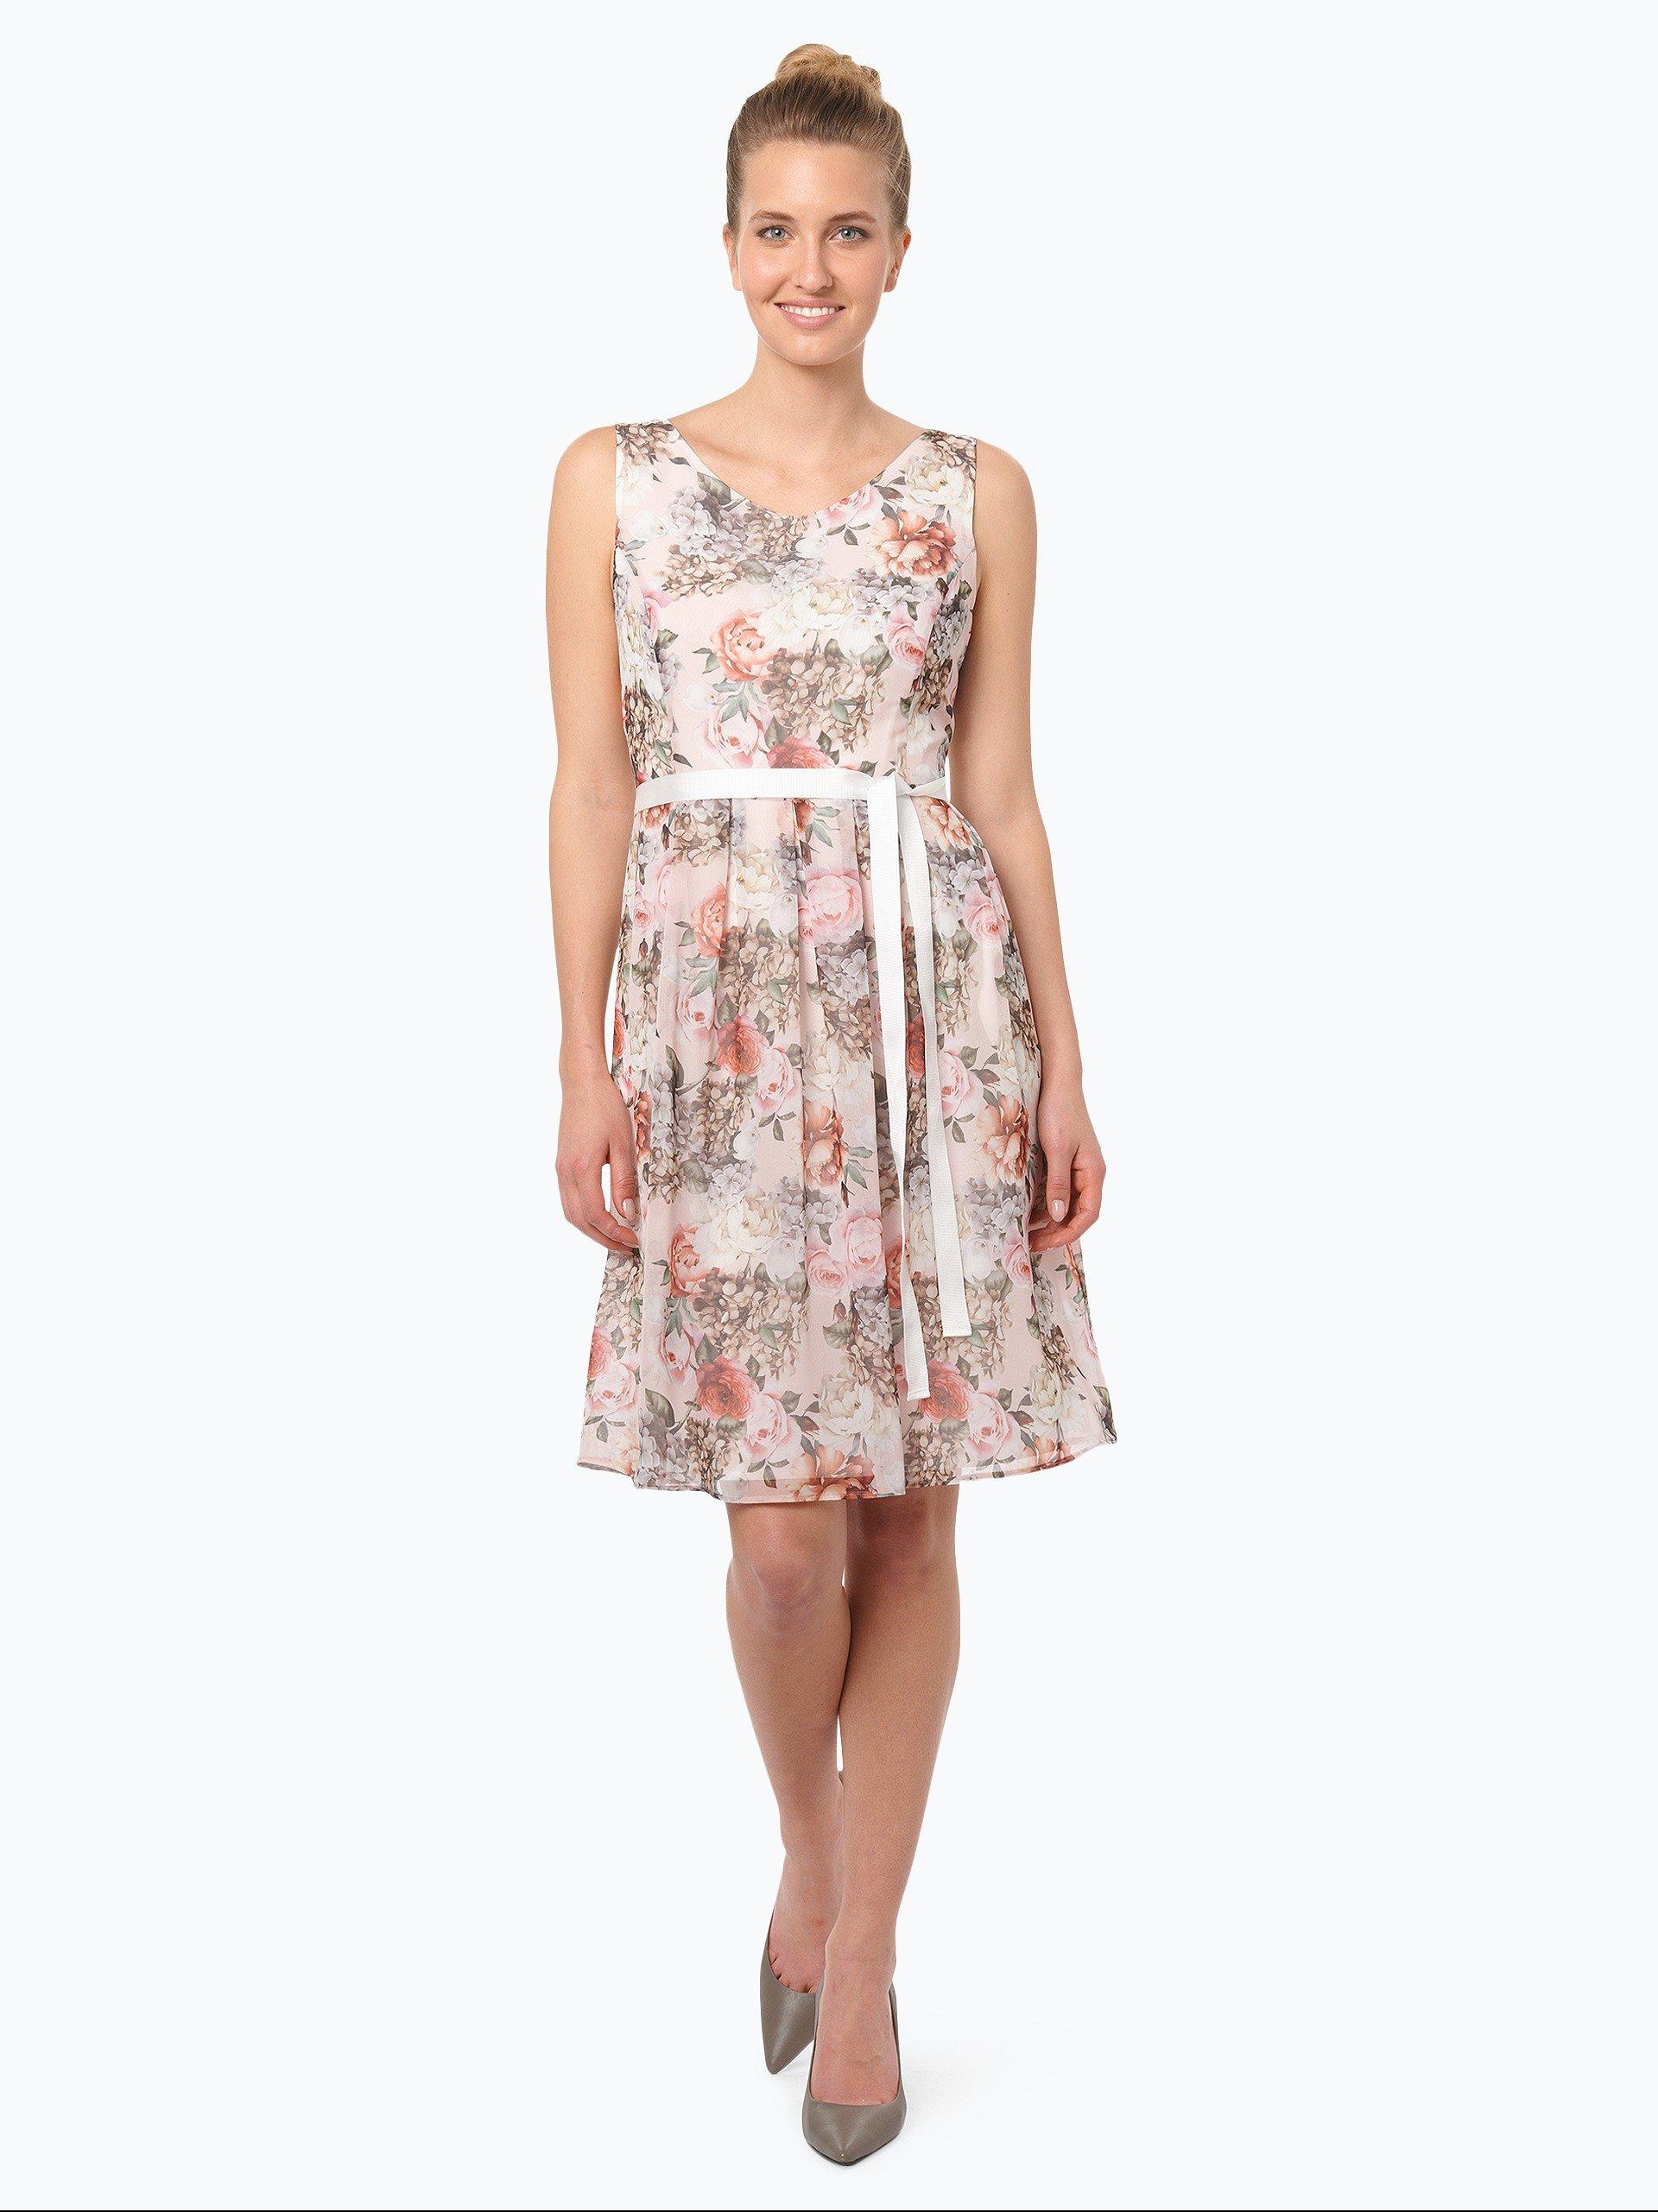 taifun damen kleid get dress beige gemustert online kaufen vangraaf com. Black Bedroom Furniture Sets. Home Design Ideas